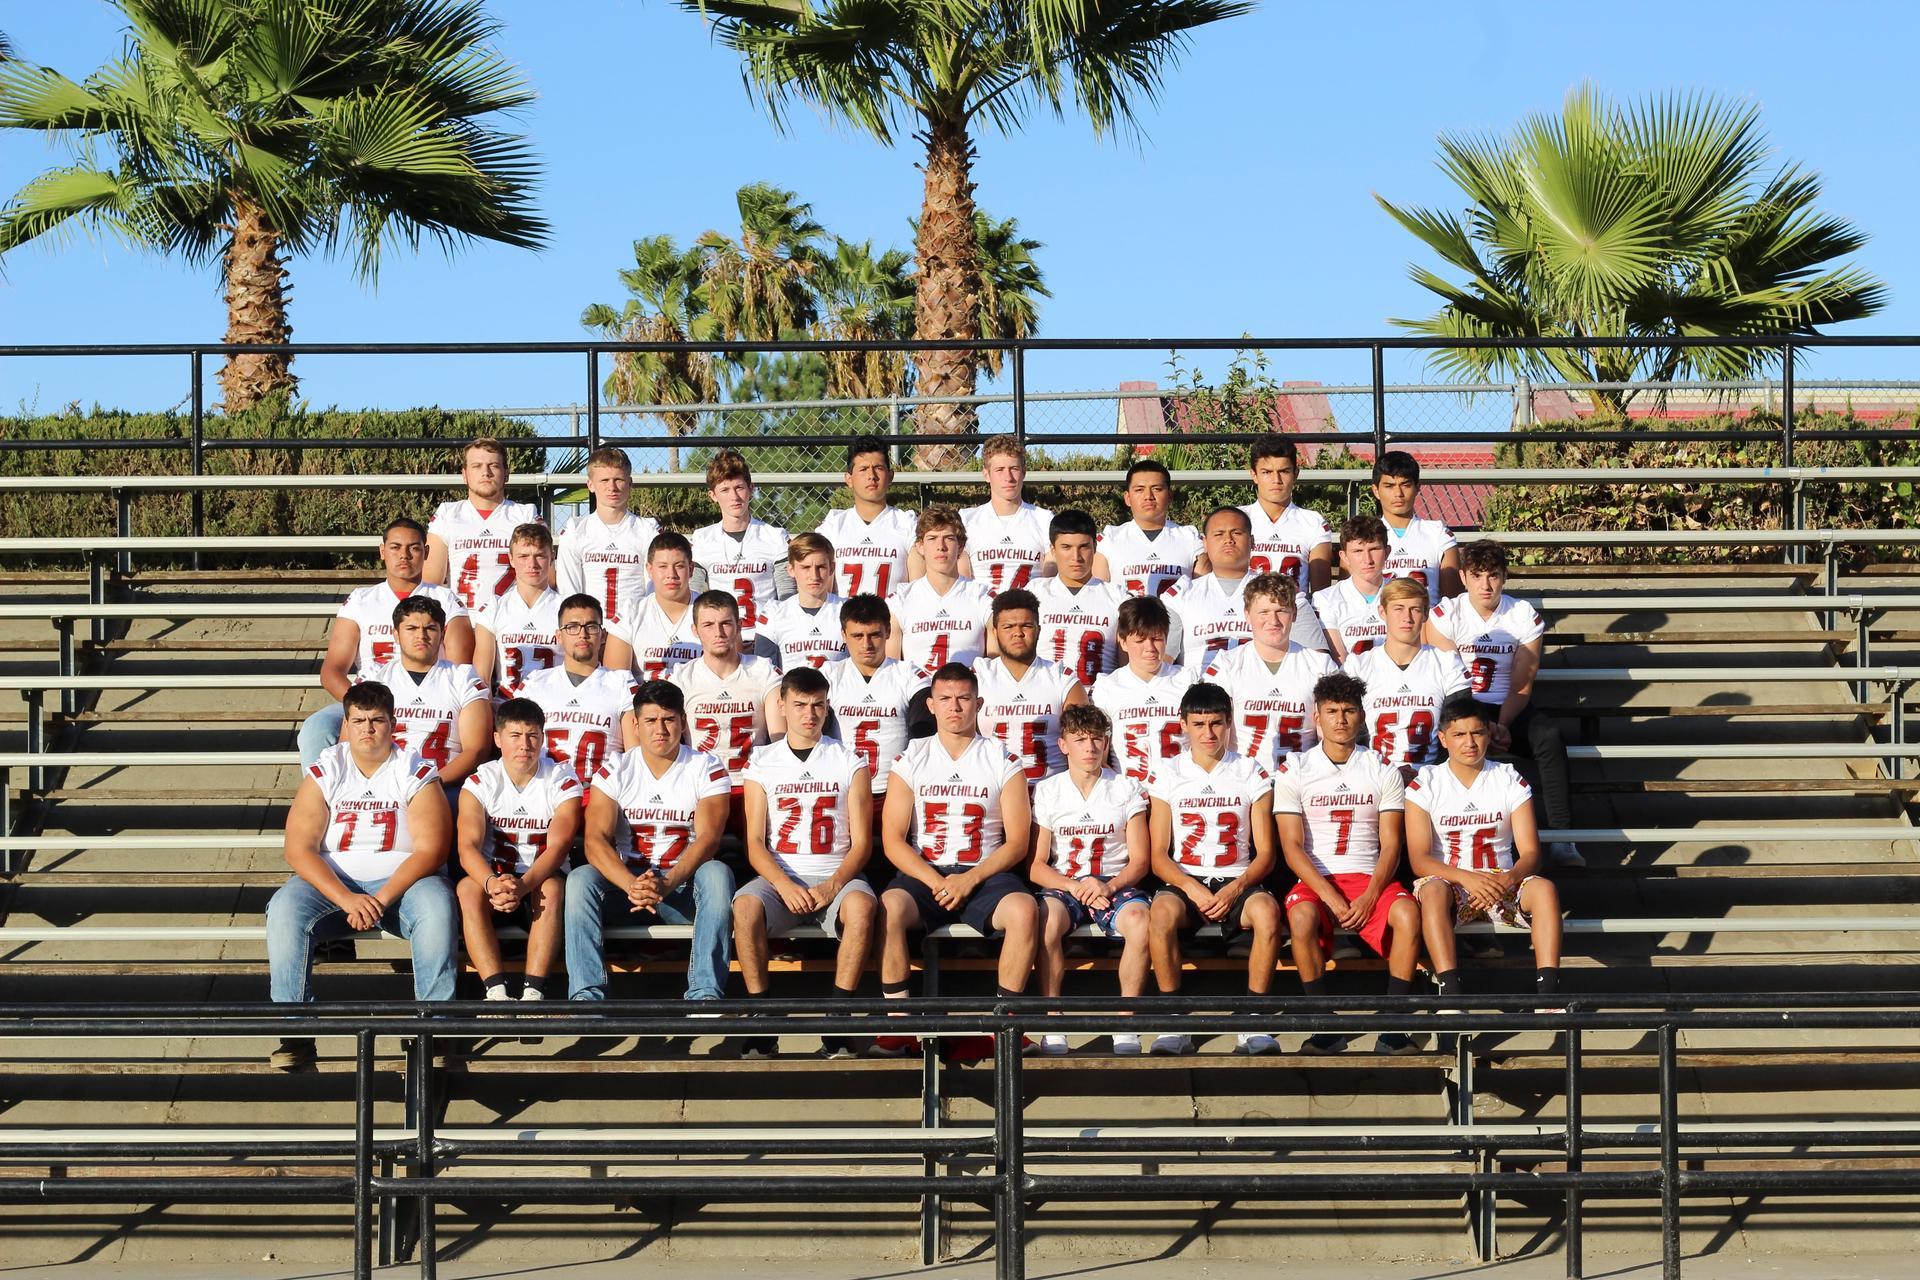 Varsity Football team posing